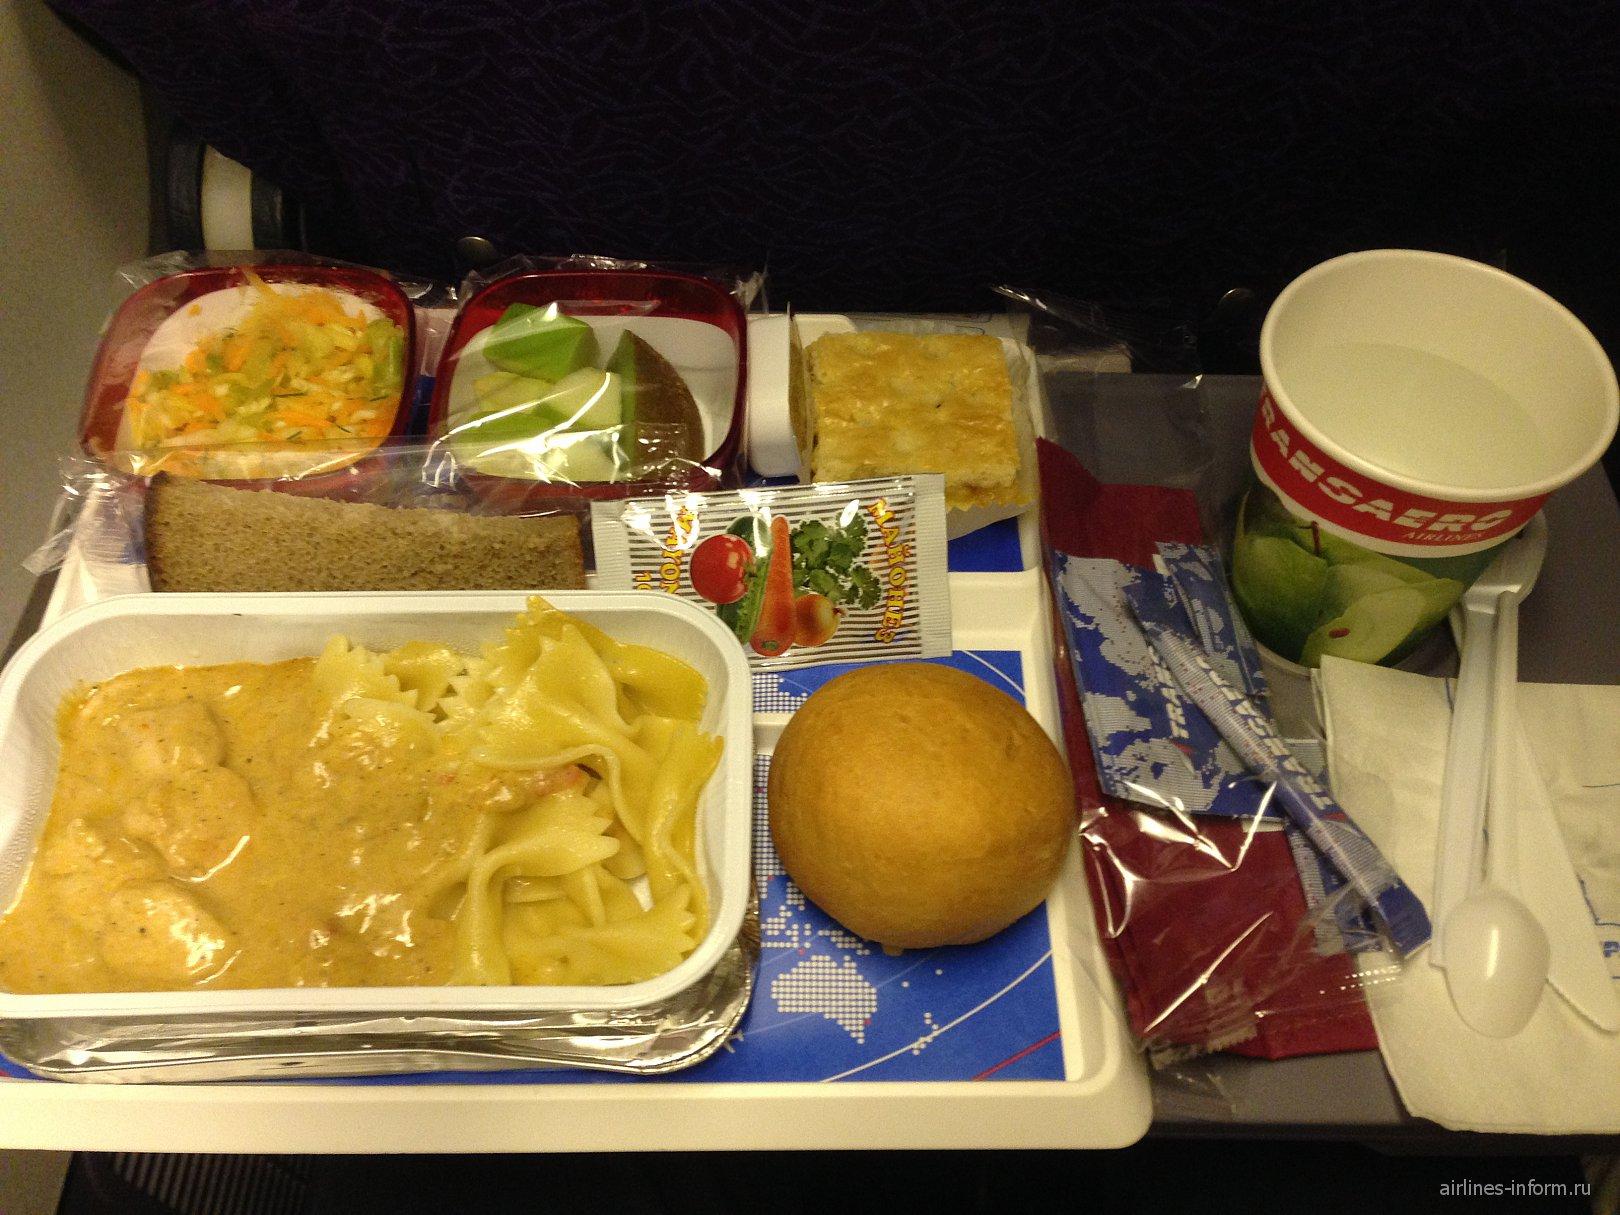 Питание на рейсе Трансаэро Москва-Новосибирск